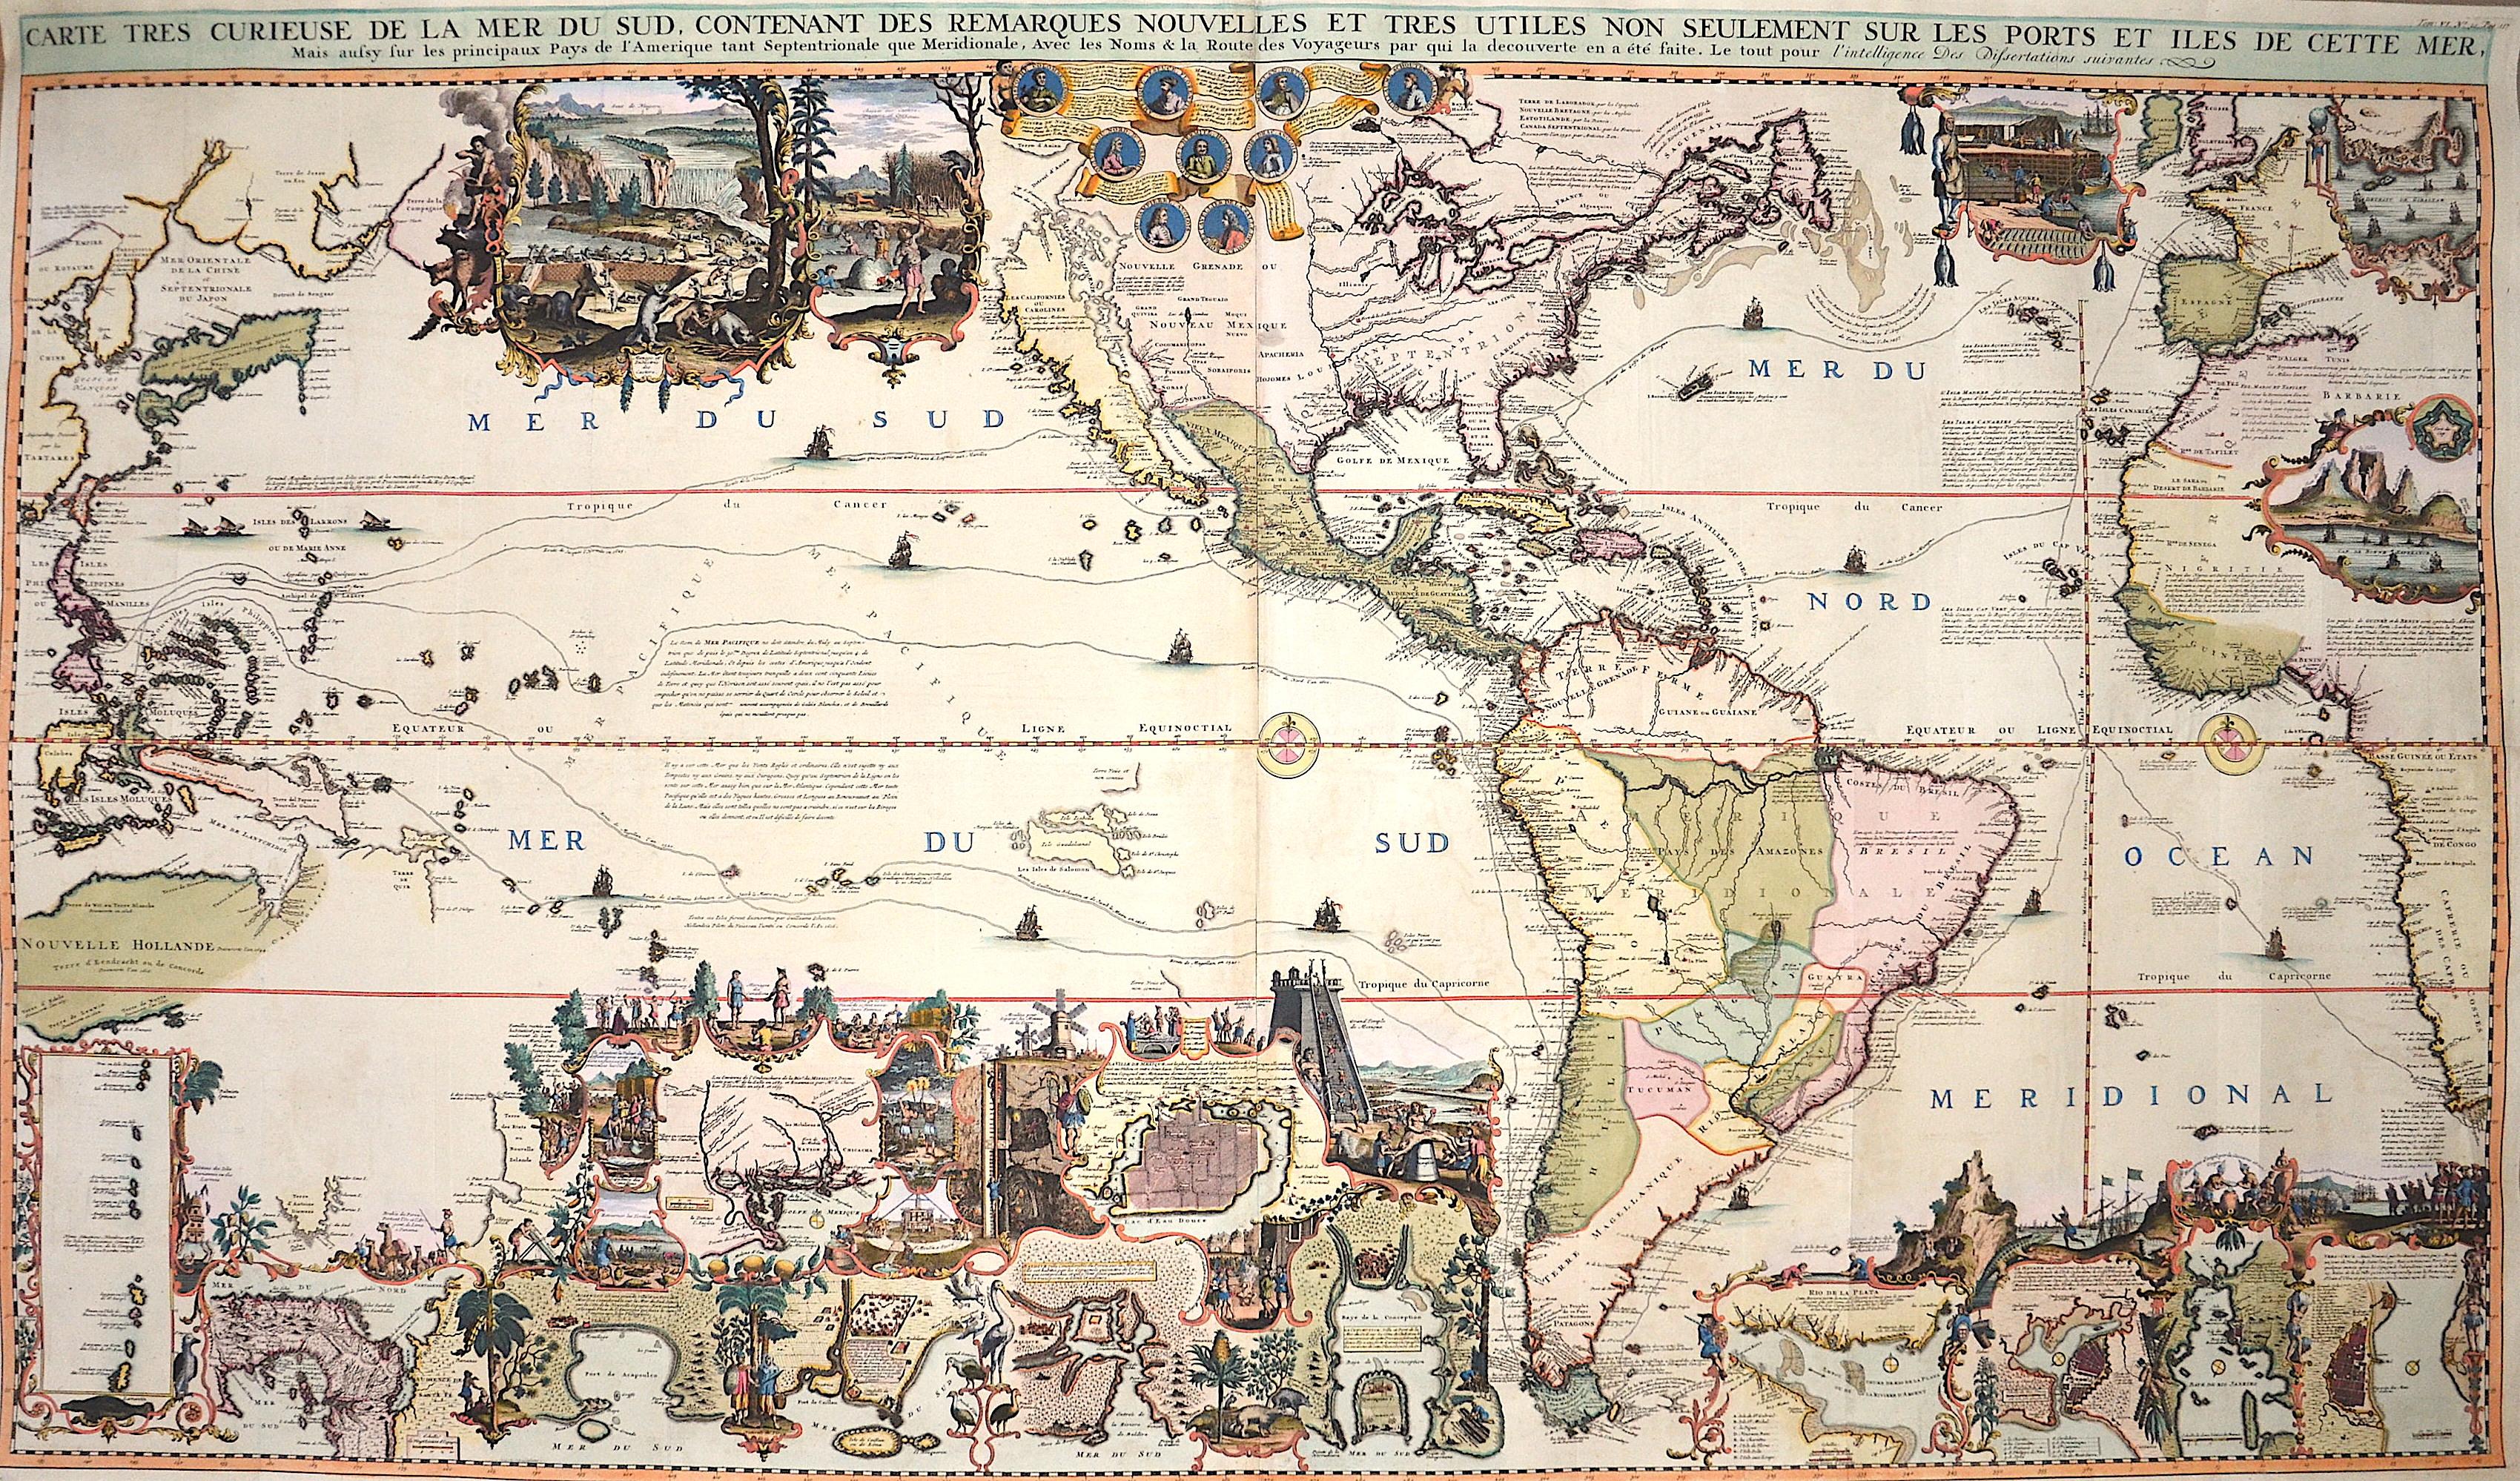 Chatelain Henri Abraham Carte tres curieuse de la Mer du sud, contenant des remarques nouvelles et tres utiles non seulement sur les ports et illes de cette mer, …..